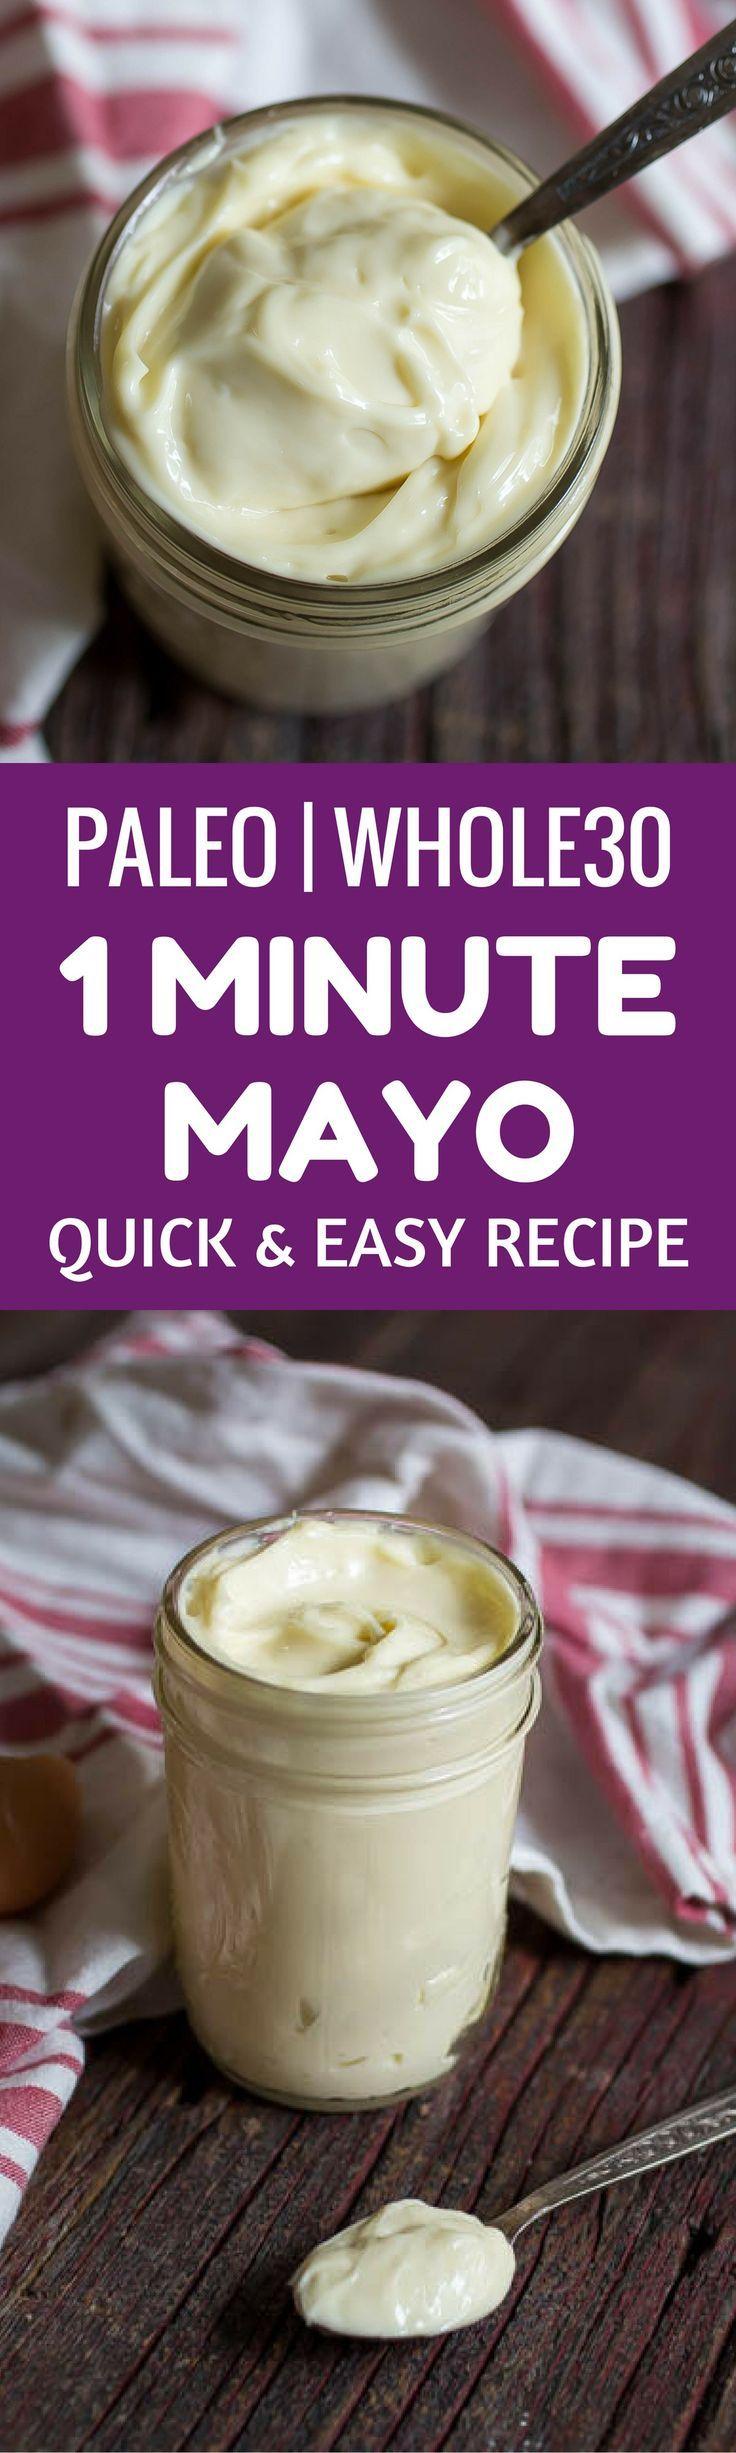 Whole30 1 Minute Mayo Recipe. Paleo mayonnaise recipe. Easy and healthy homemade mayo recipe. Paleo, whole 30 mayo recipe. Easy whole30 recipes here. Immersion blender mayo! Easy, 1 minute paleo mayonnaise recipe. Homemade mayo. Healthy homemade mayonnaise.